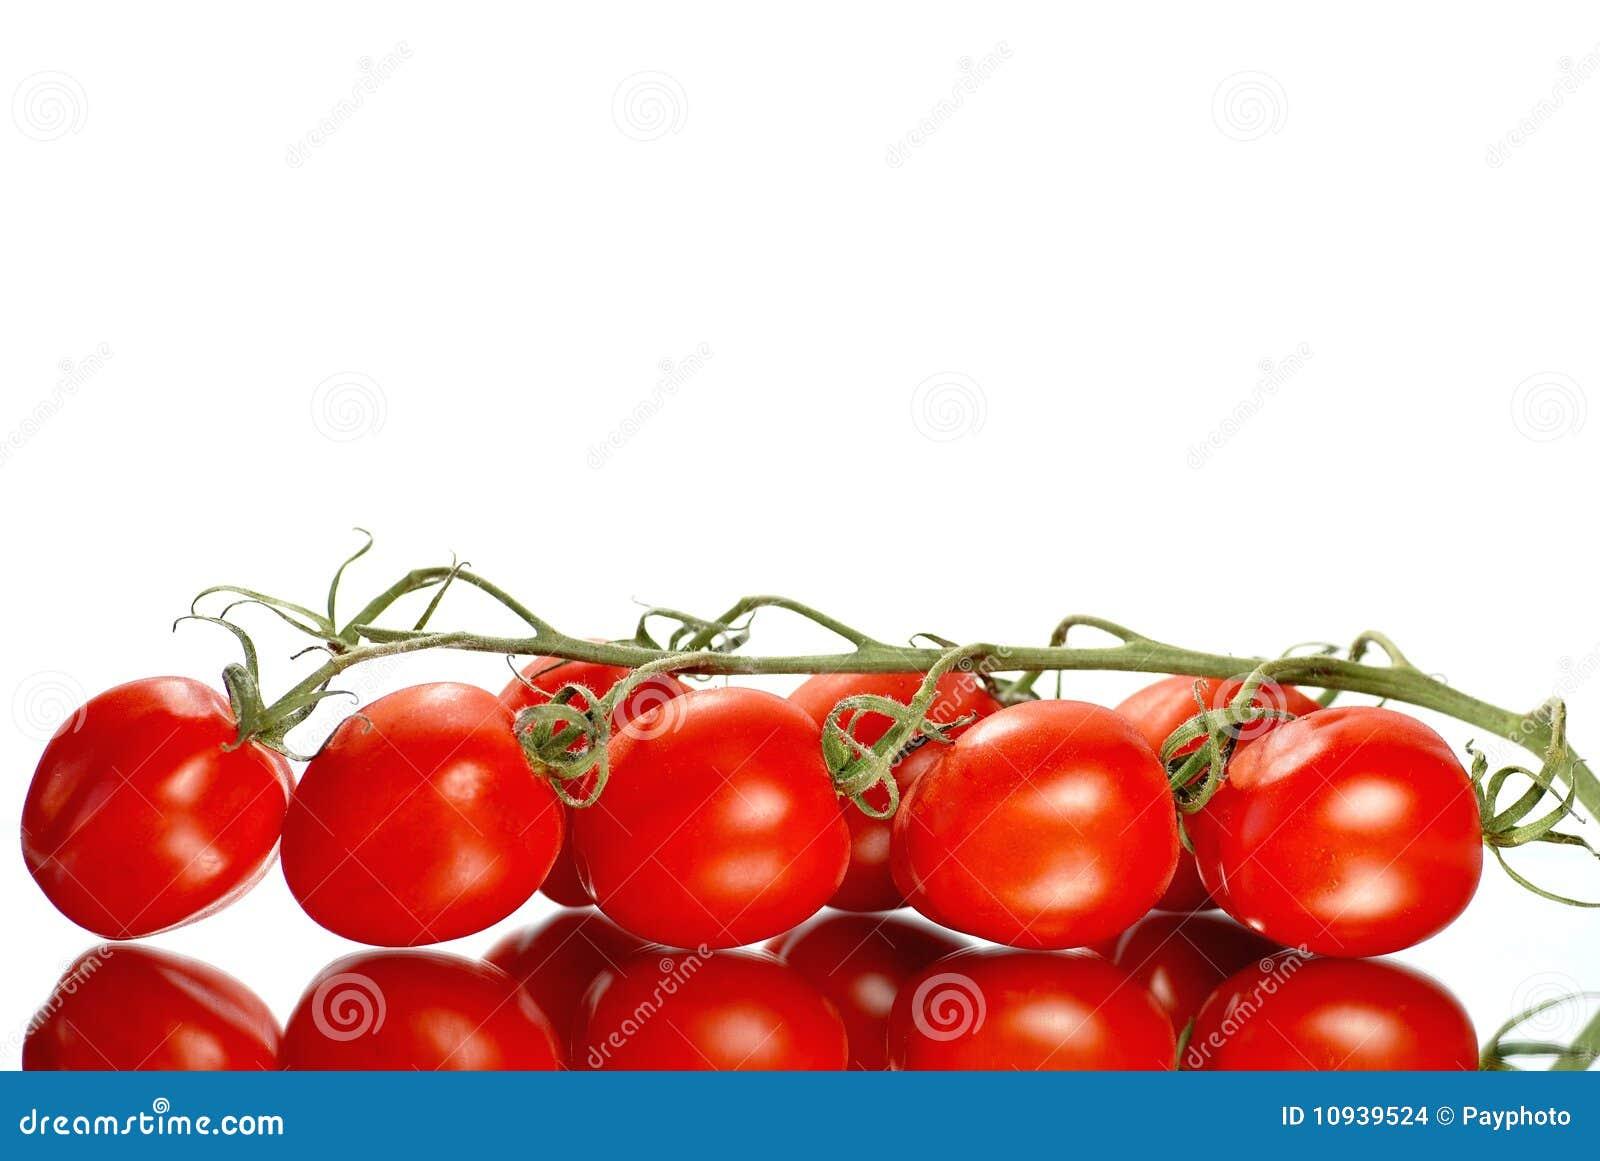 форма рамки свежая отраженная их томаты